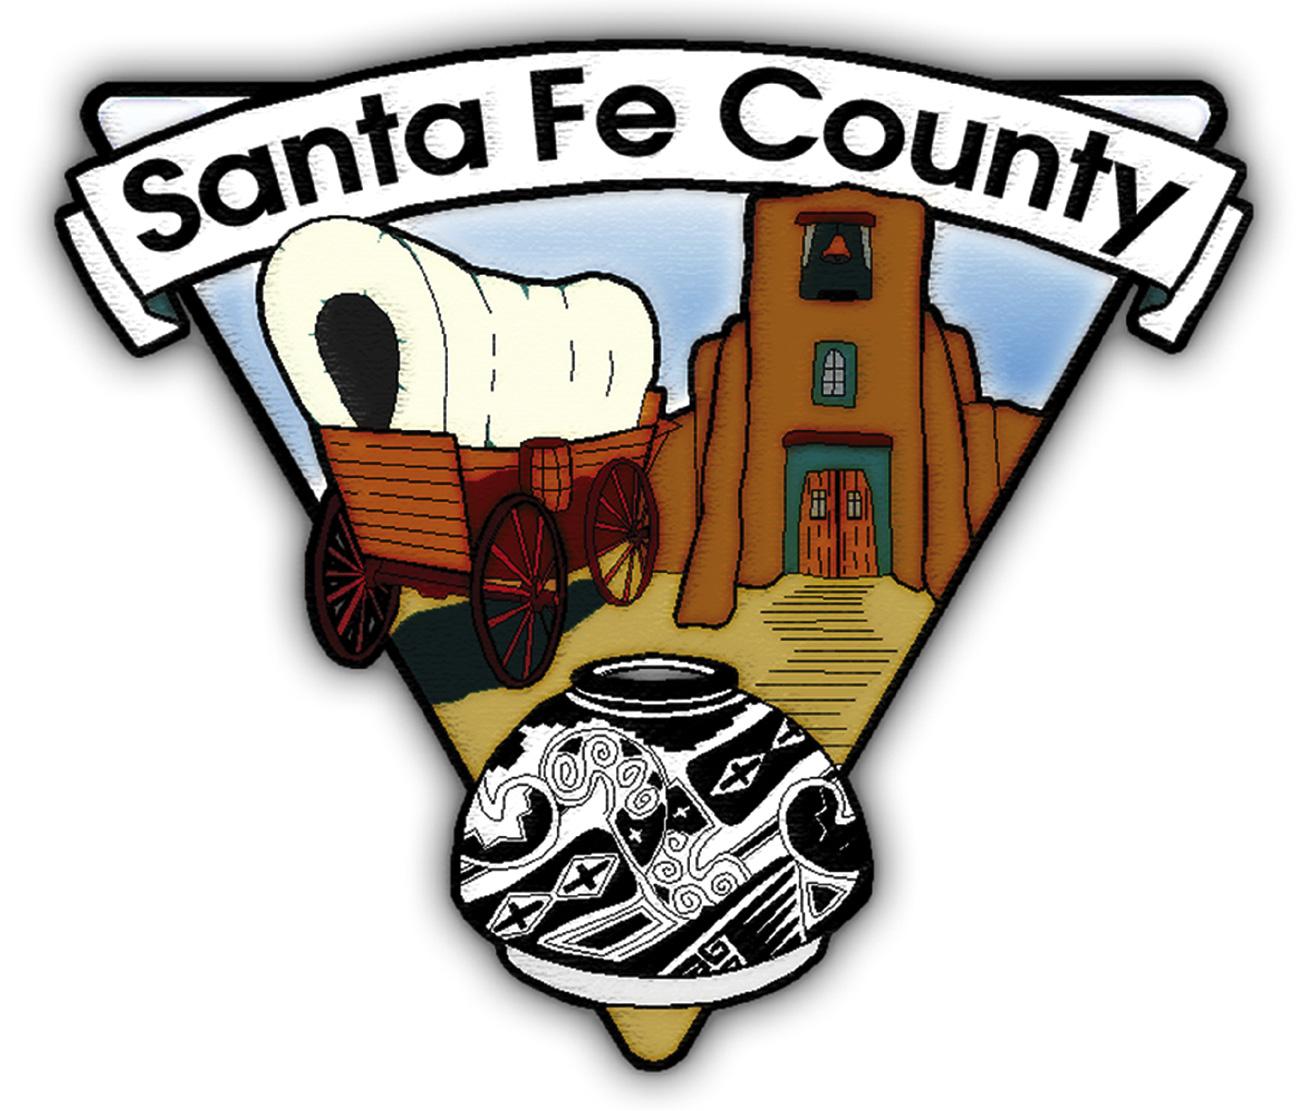 SF County